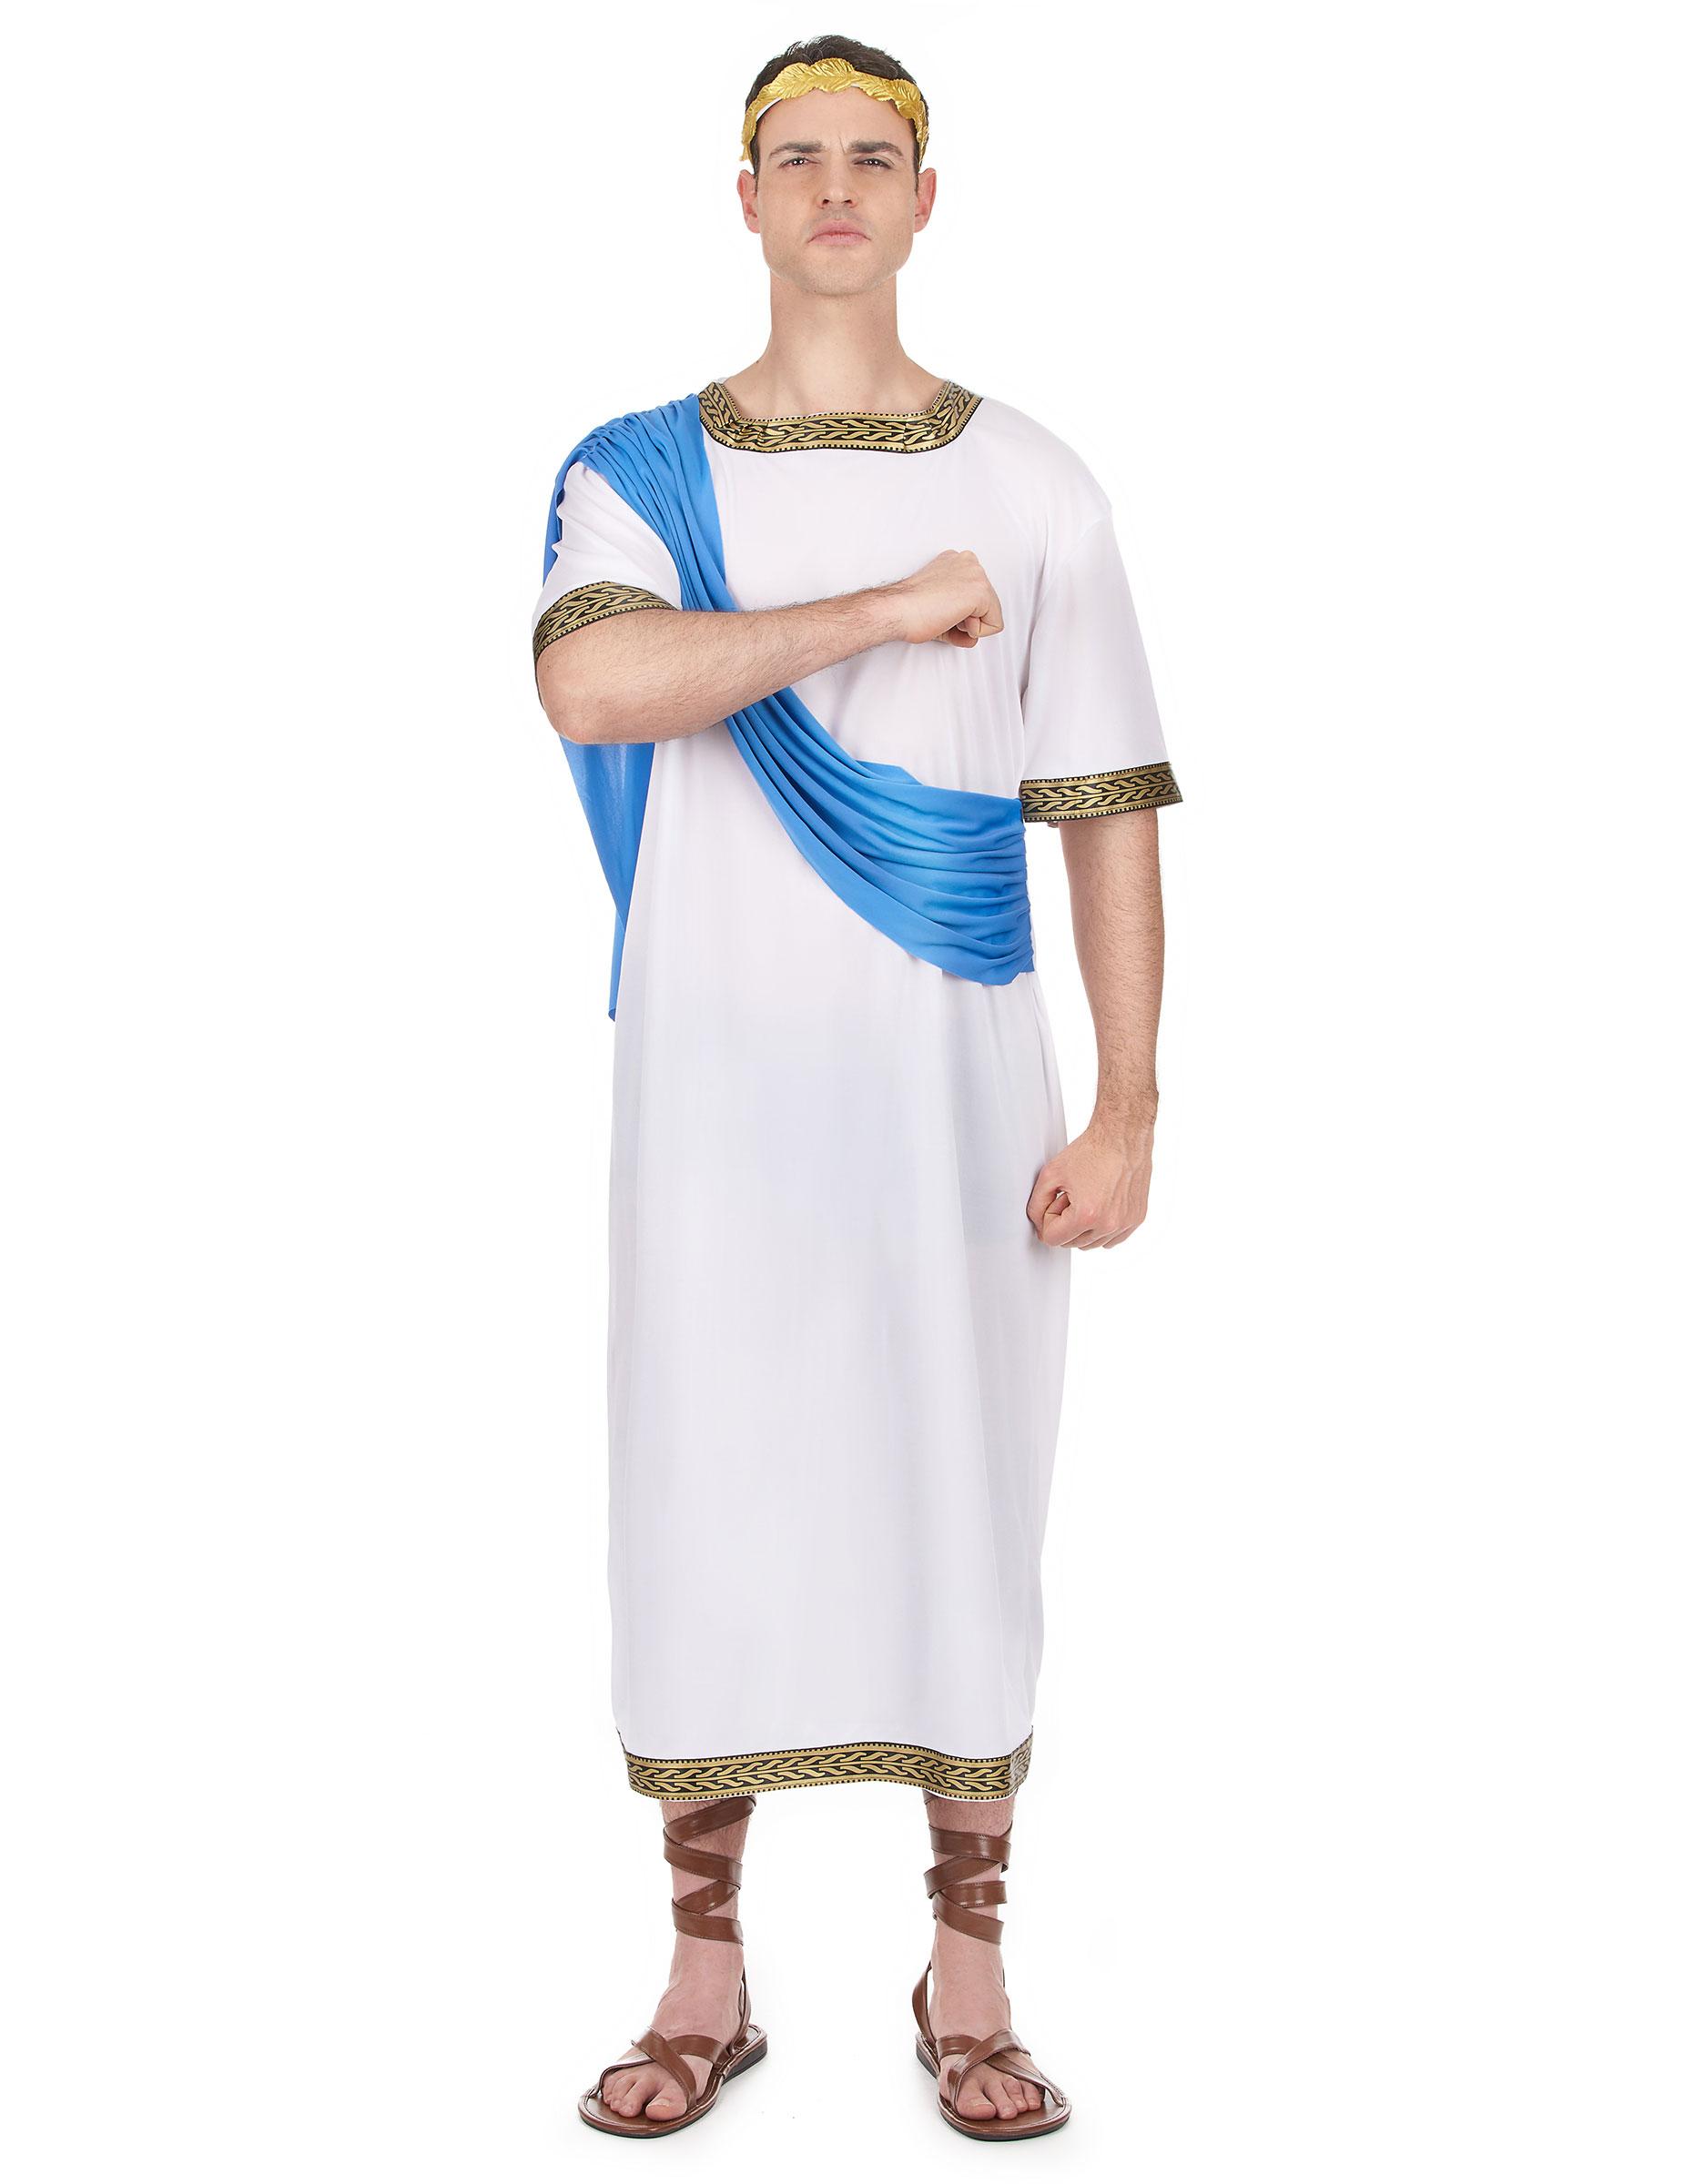 Travestimento da divinit greca per uomo - Mitologia greca mitologia cavallo uomo ...